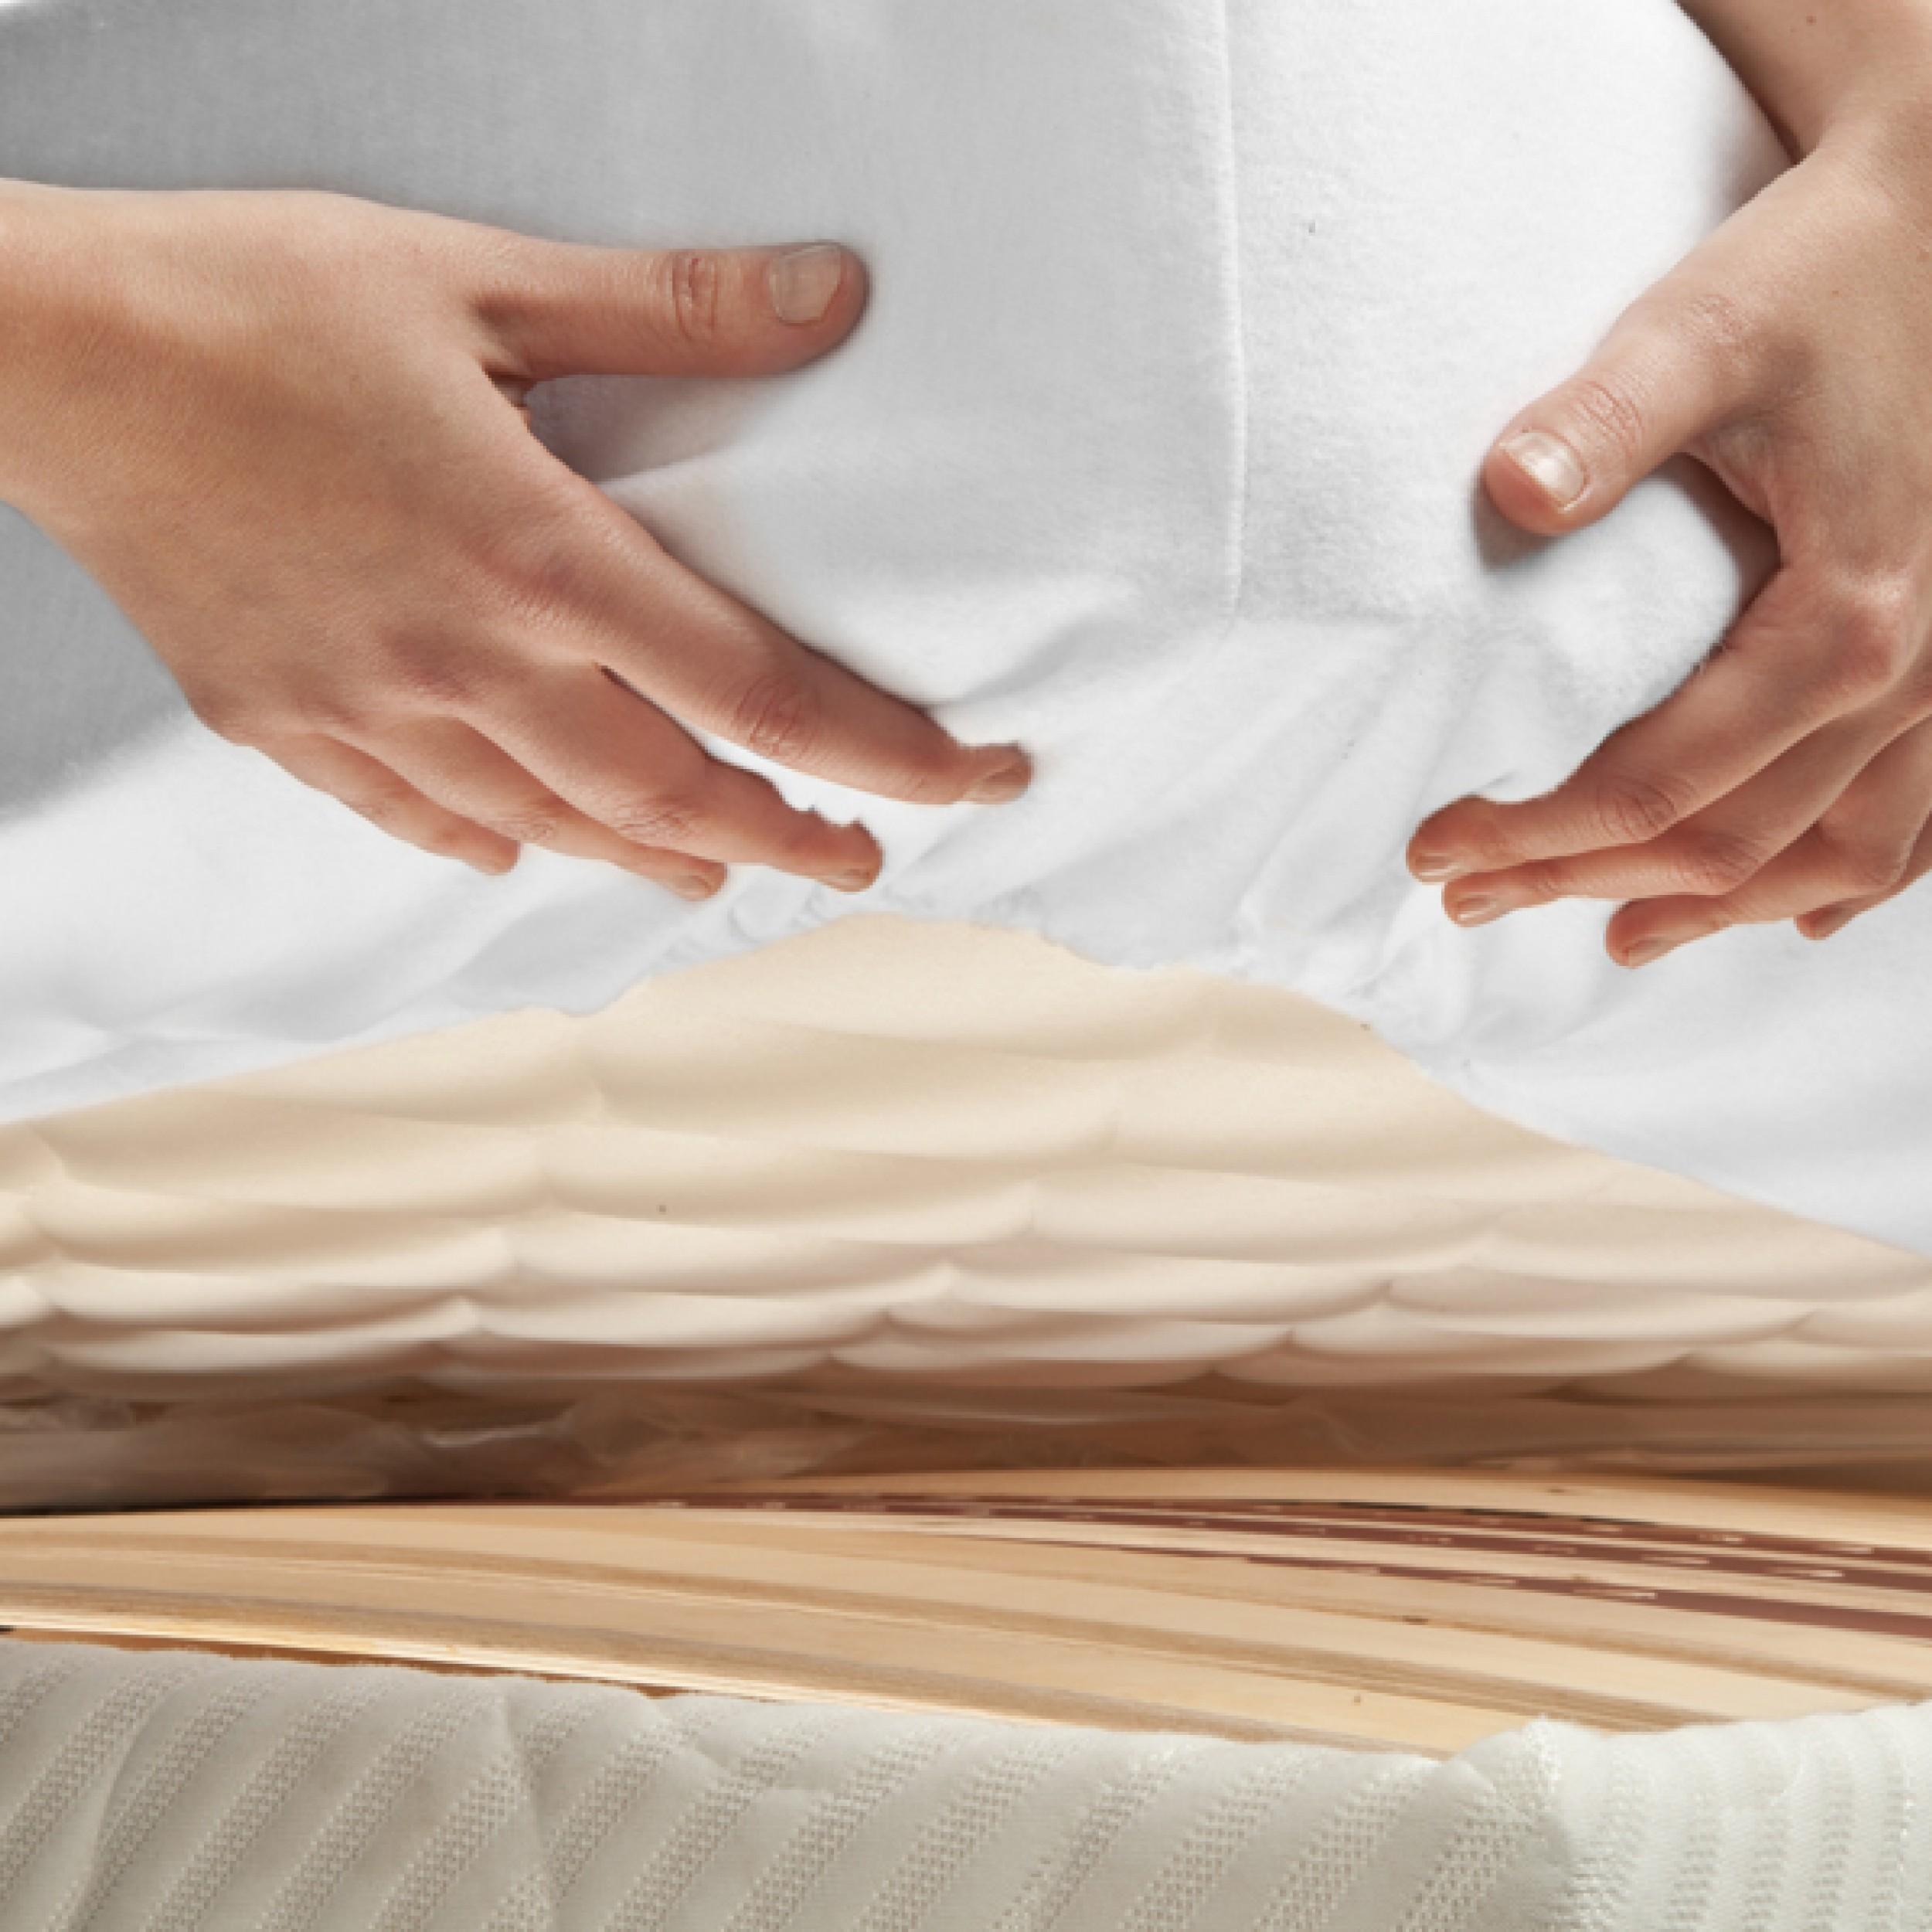 Lit Matelas imperméables Housse Protection Avec une haute qualité en coton brossé pour...